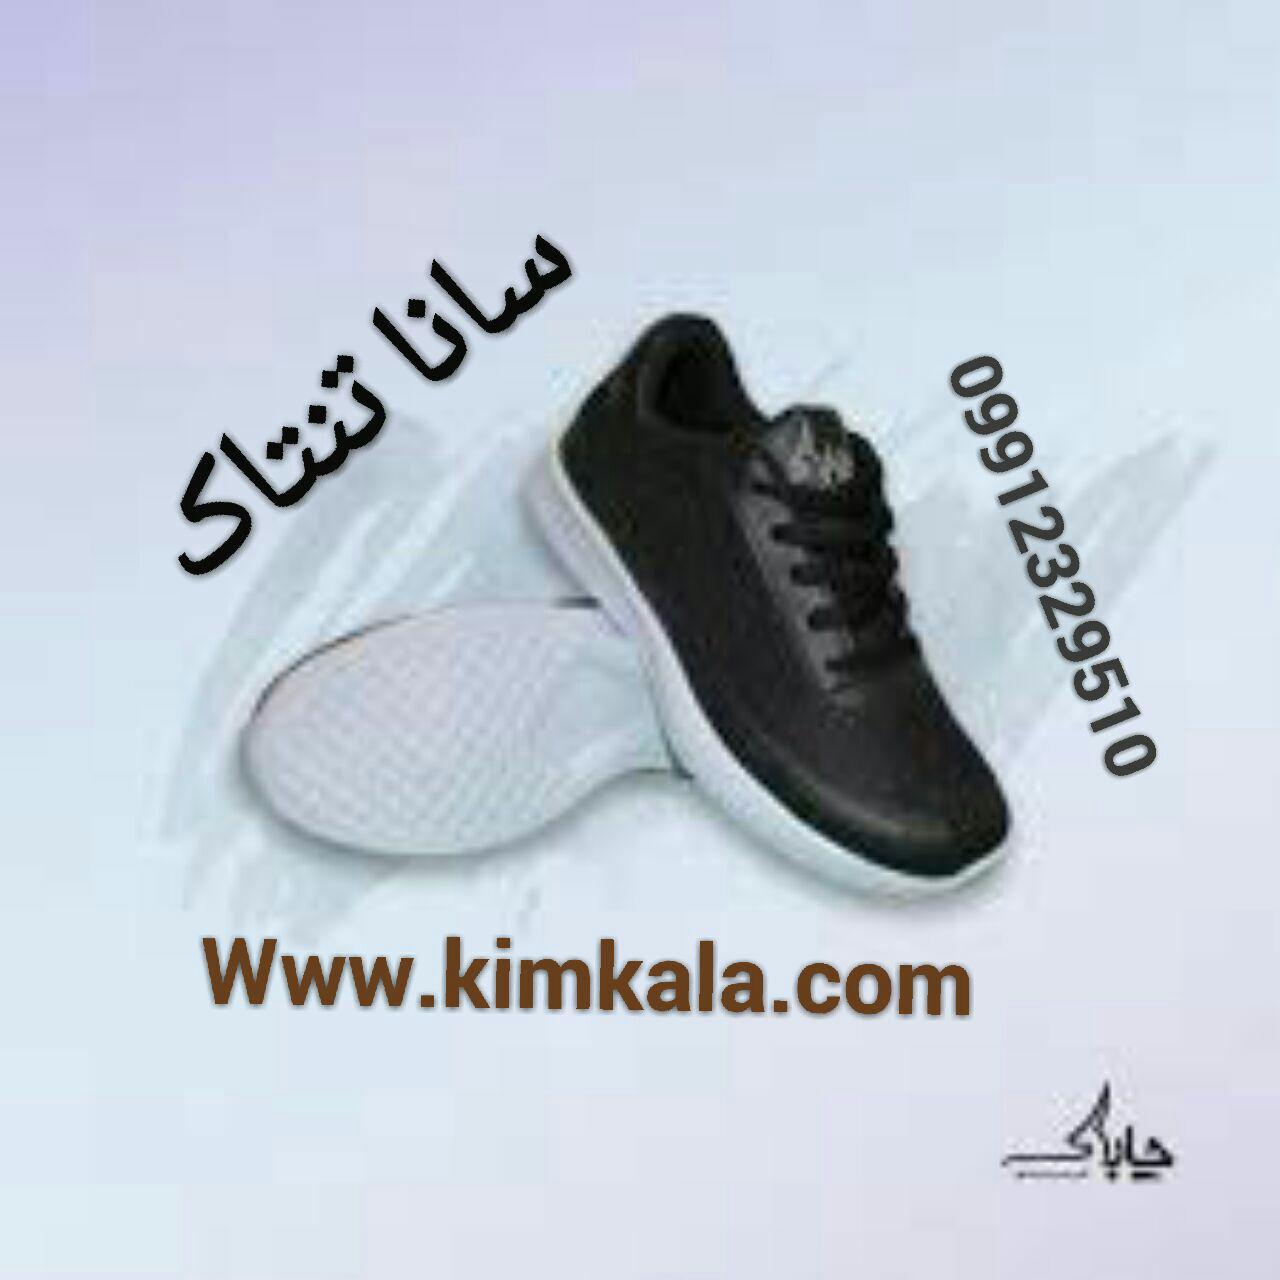 کفش سانا مدل چابک تنتاک 09912329510